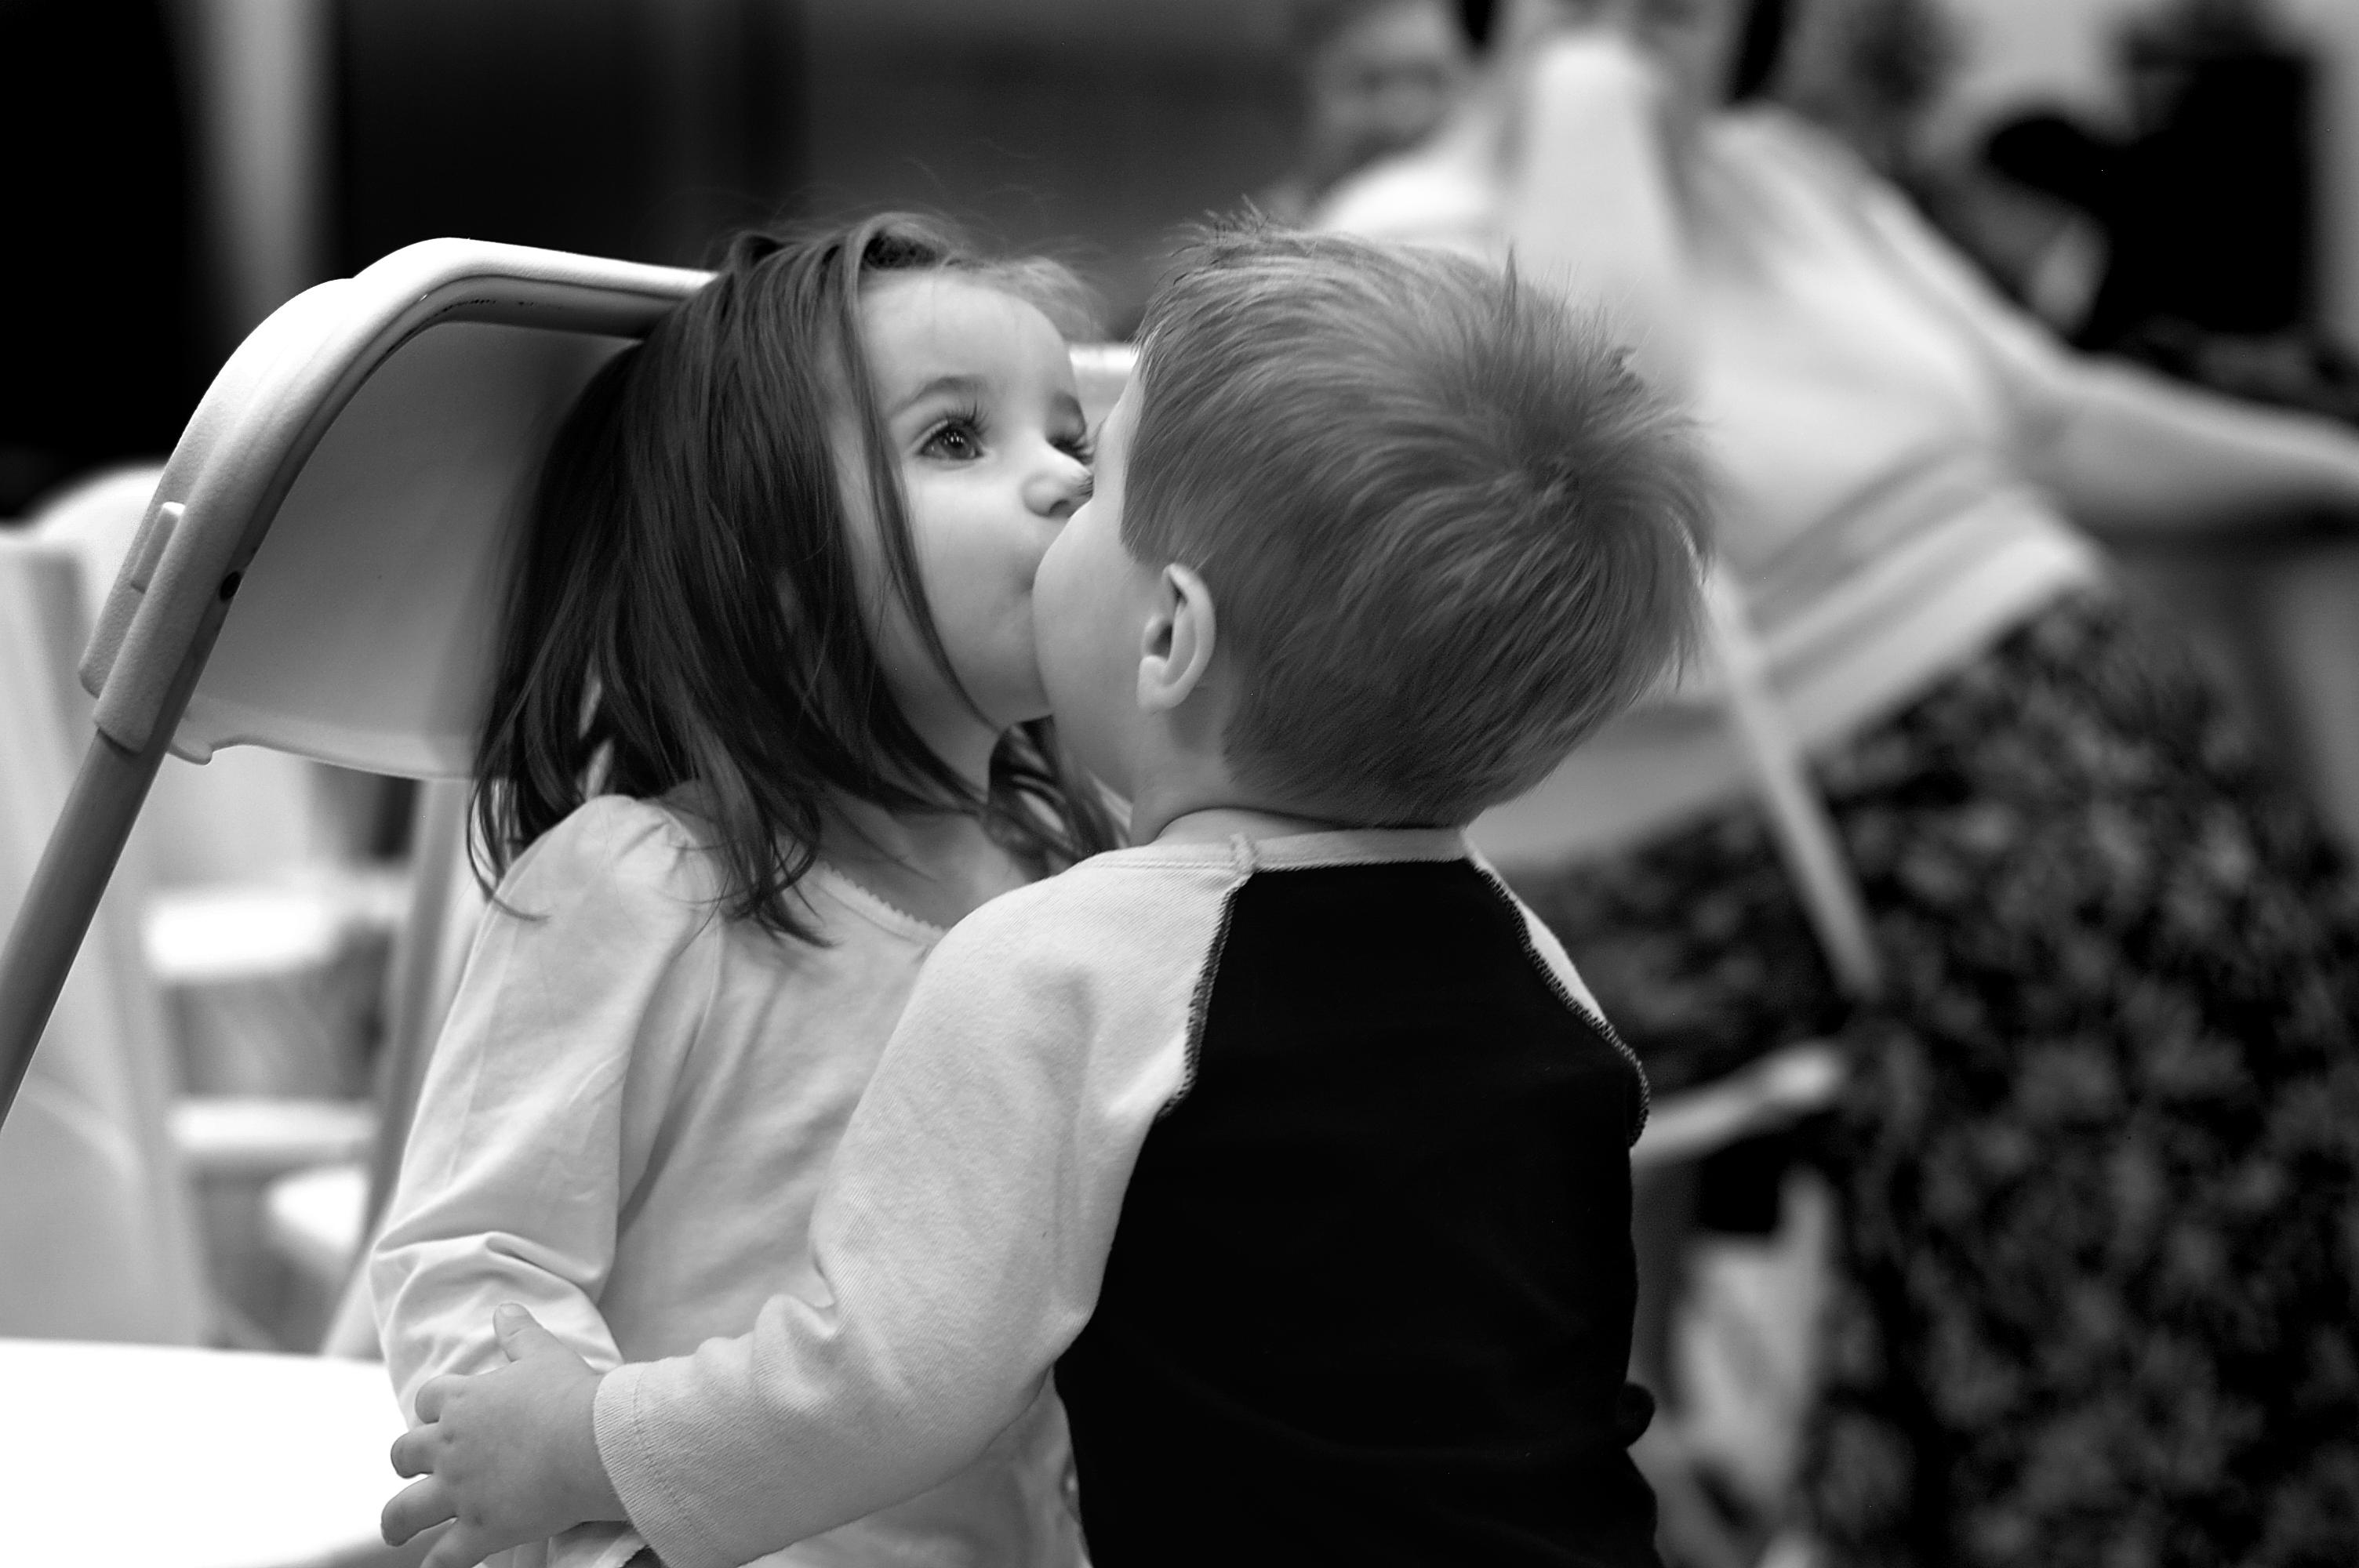 Прикольные картинки мальчик и девочка, яндексе вставить открытку